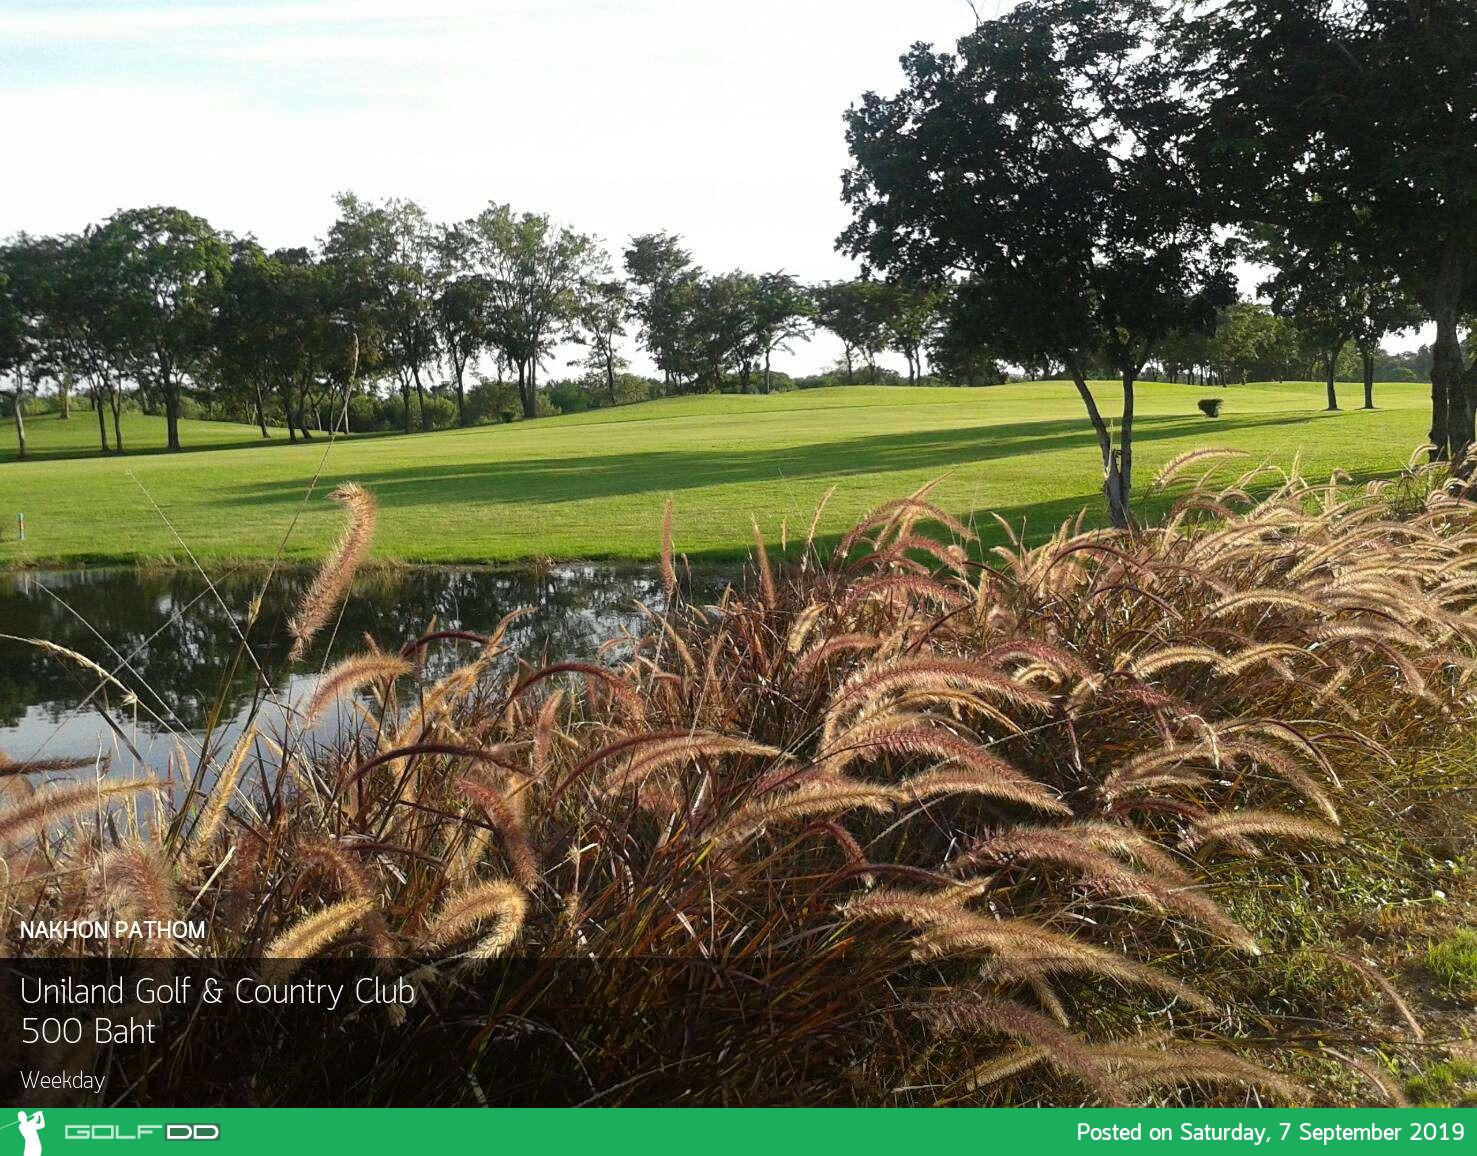 โปรลด 70% อ่านไม่ผิด ลด 70% ที่ Uniland Golf and Resort นครปฐม จองผ่าน Golfdd จ่ายหน้าสนามได้เลย